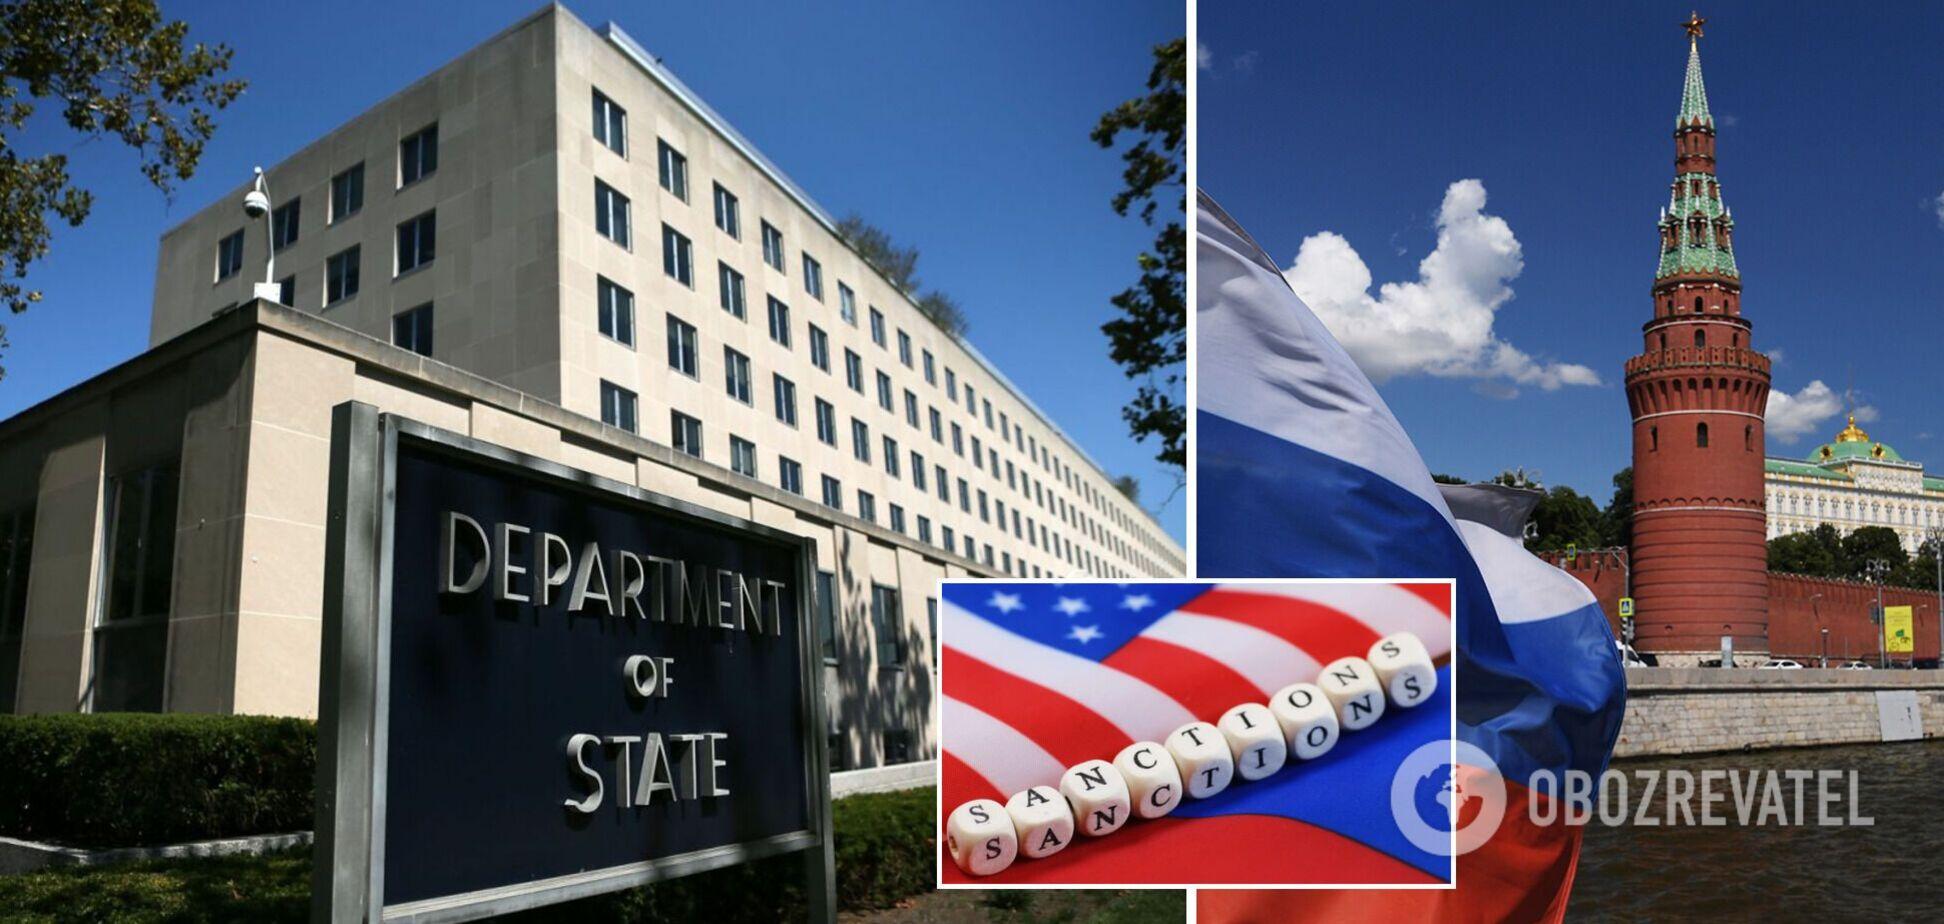 В Госдепе США отреагировали на зеркальные санкции Кремля и заявили об эскалации